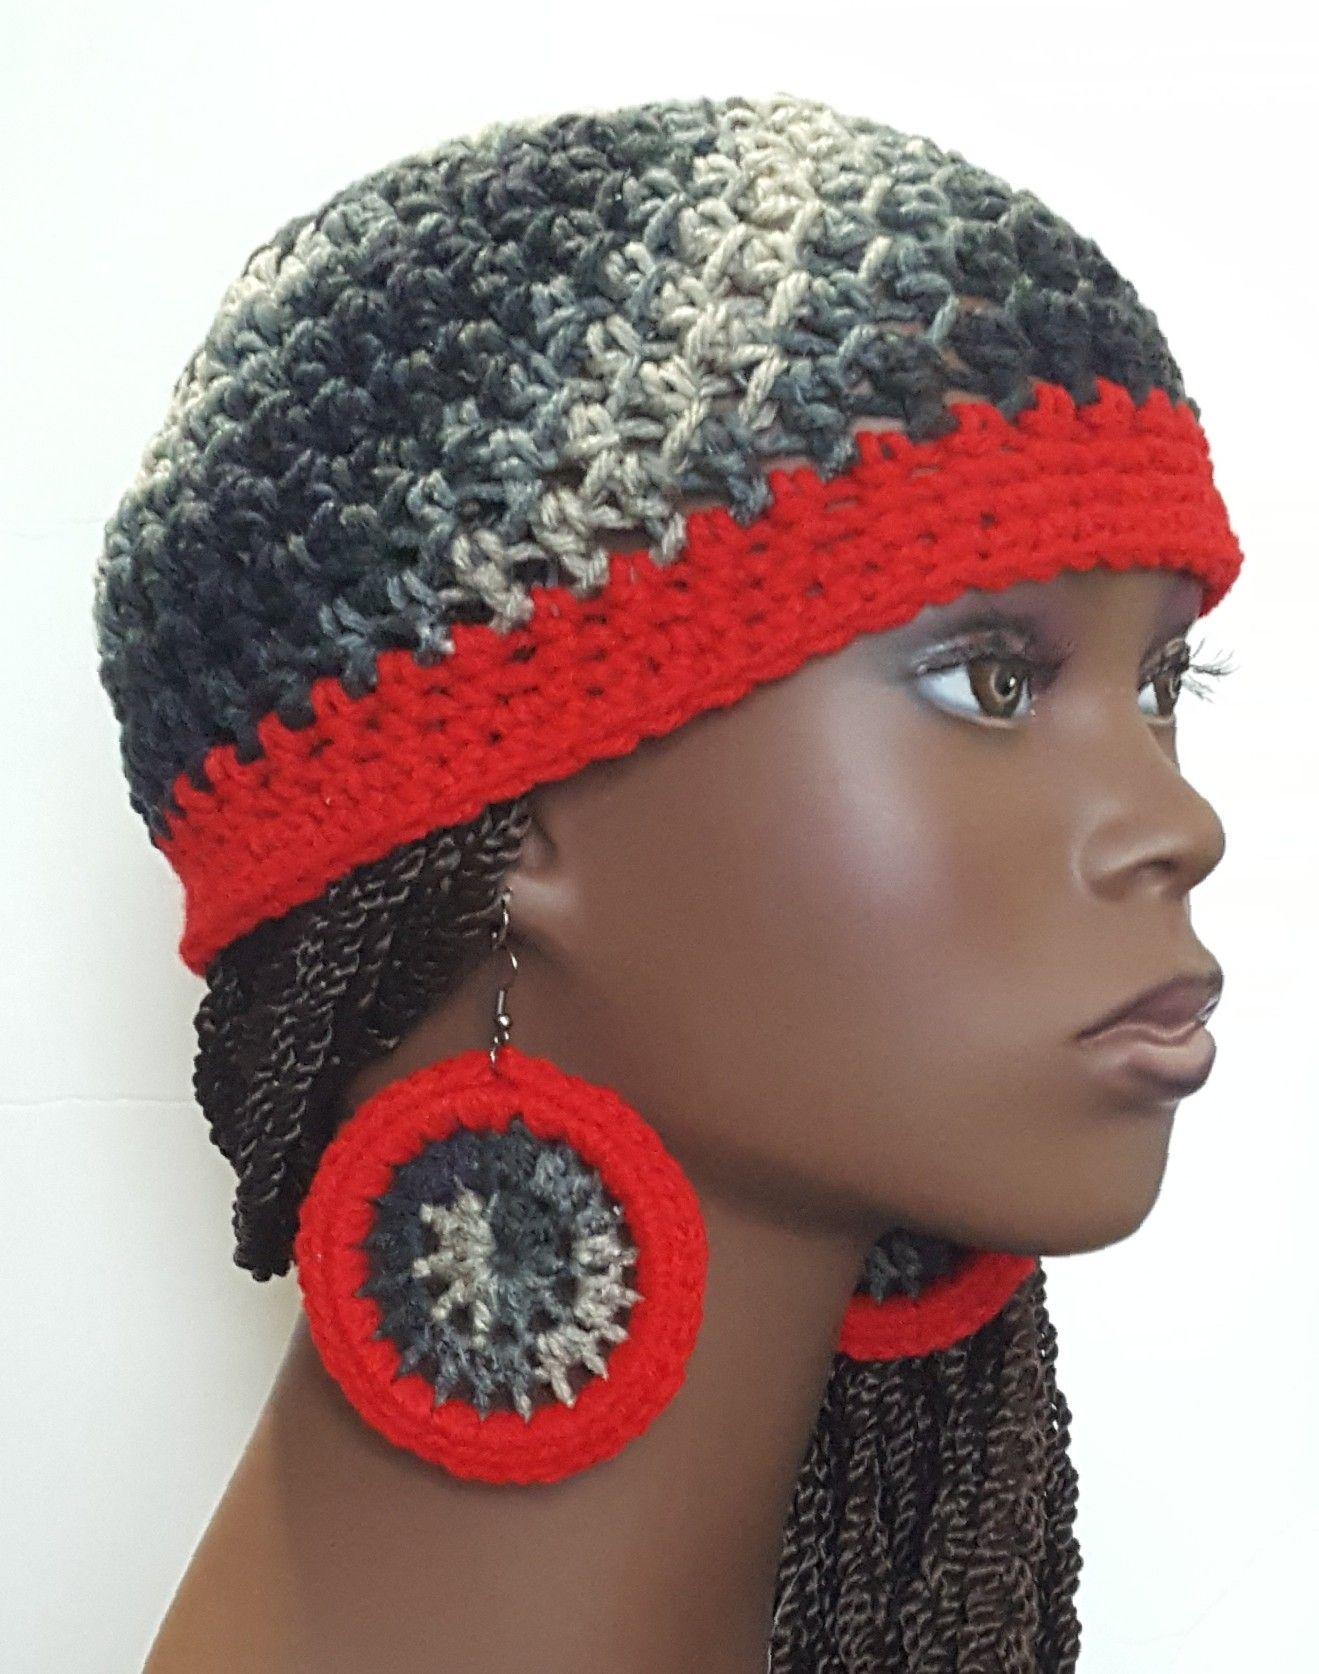 Crochet Beanie Skull Cap With Earrings By Razonda Lee Crochet